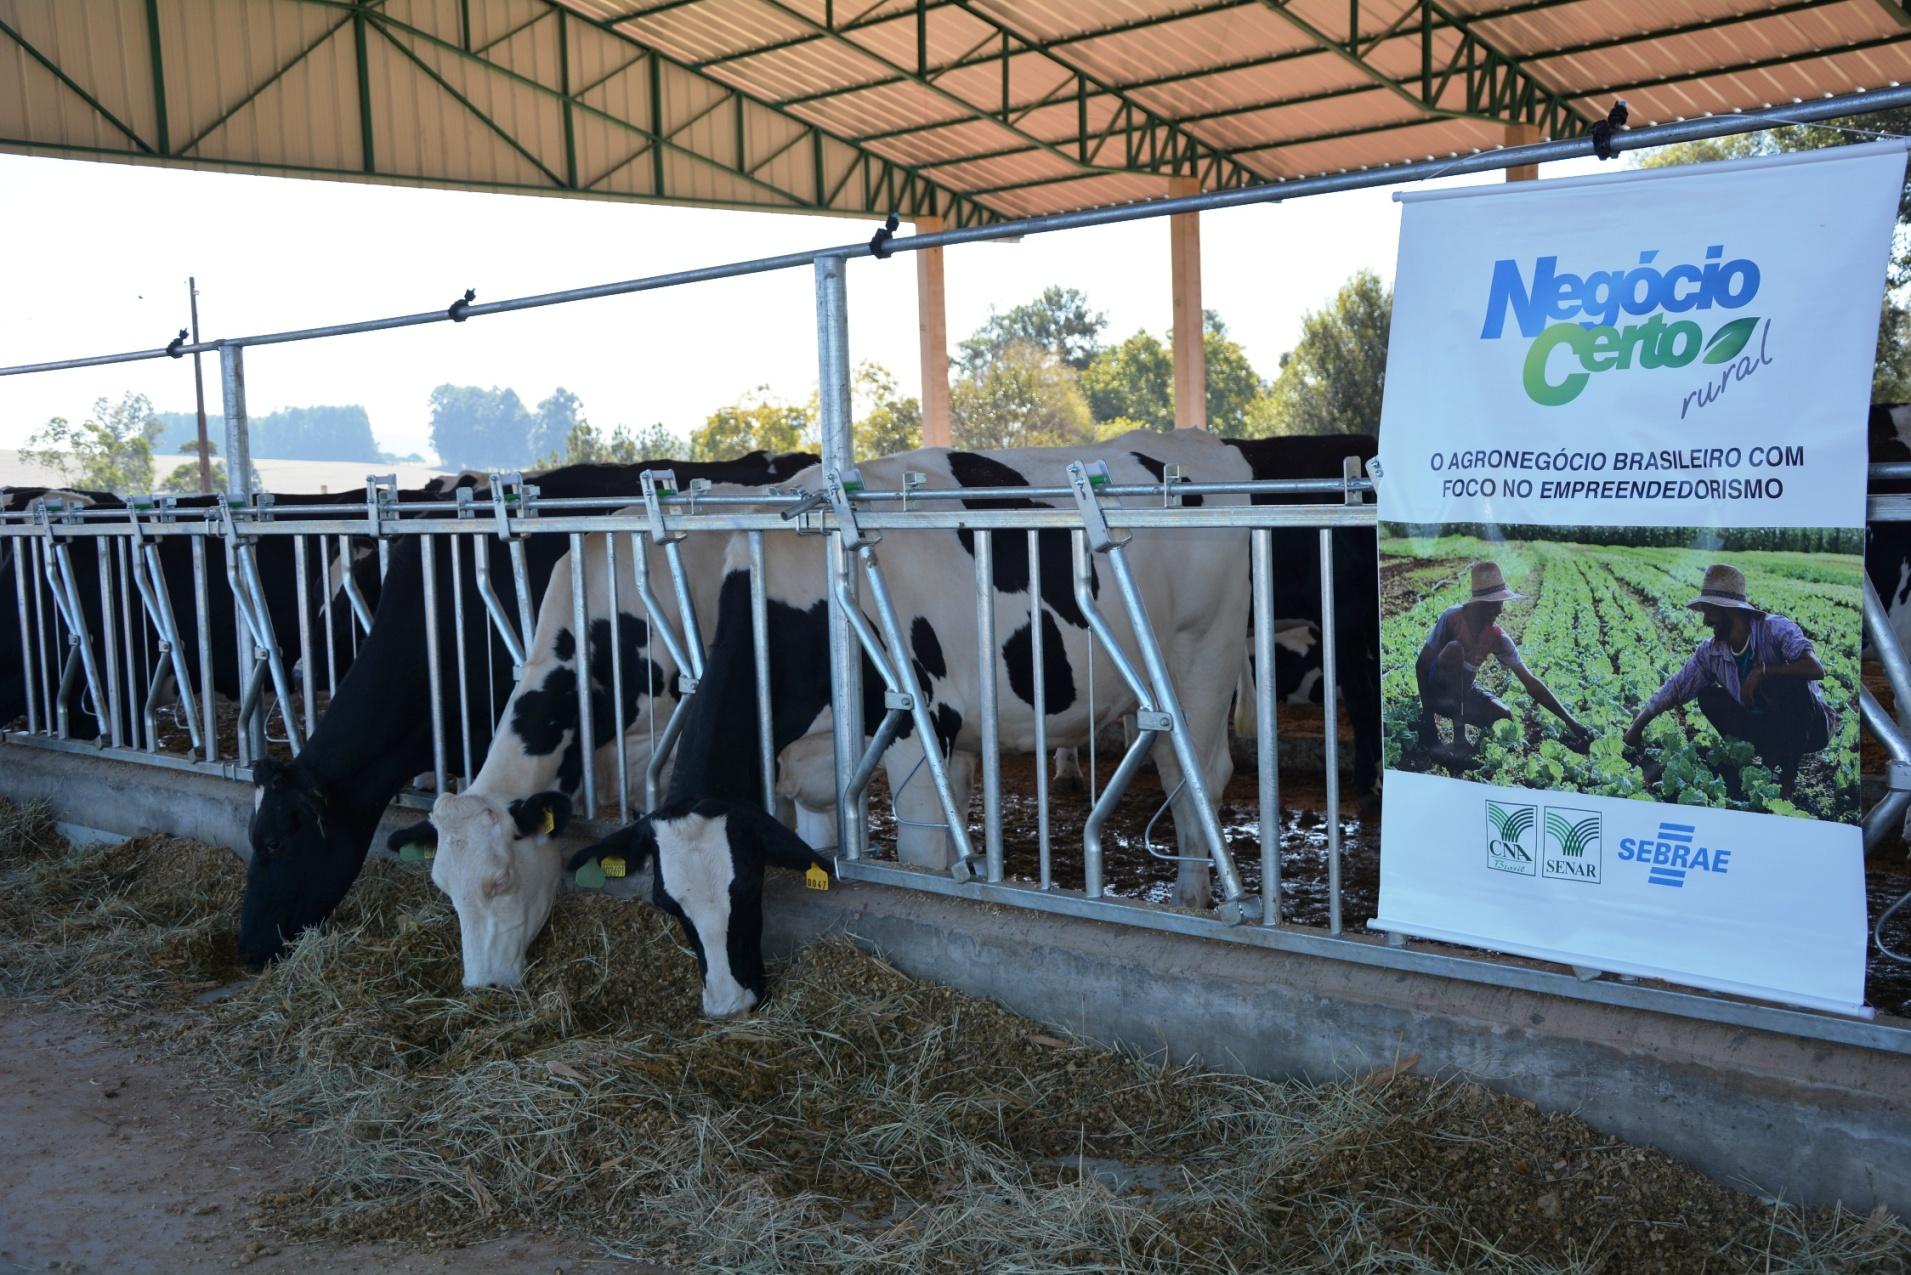 Di Online Produtor Rural De Xanxer Inova Na Produ O De Leite Na  -> Planta De Sala De Ordenha